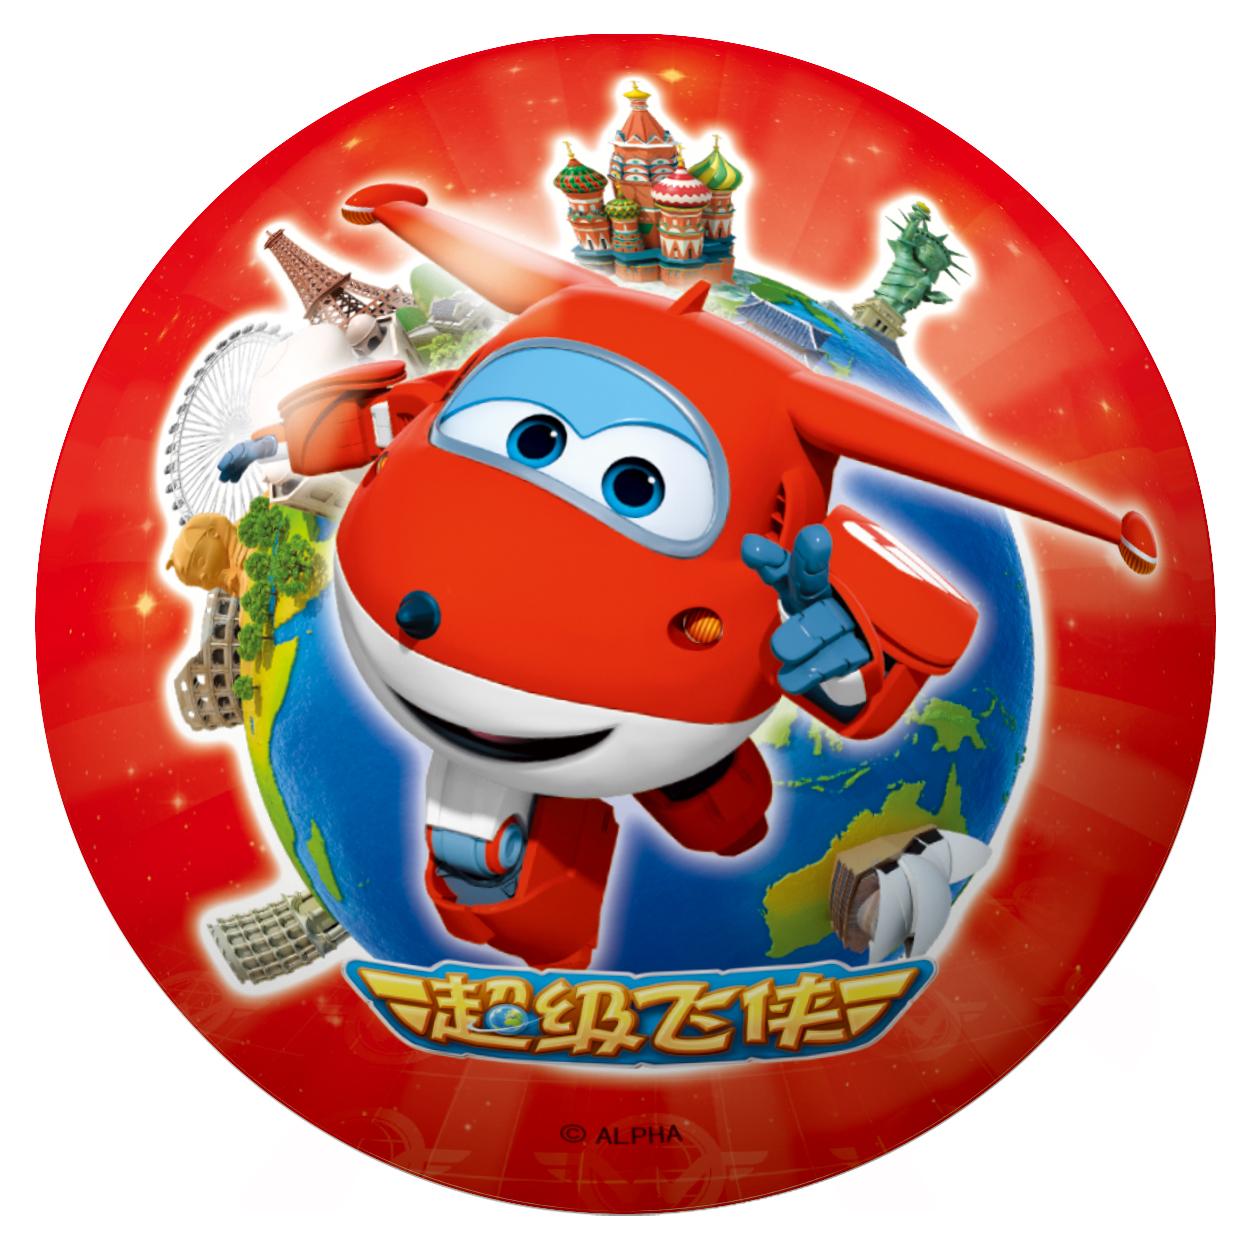 伊诺特10厘米超级飞侠彩印球(颜色随机)